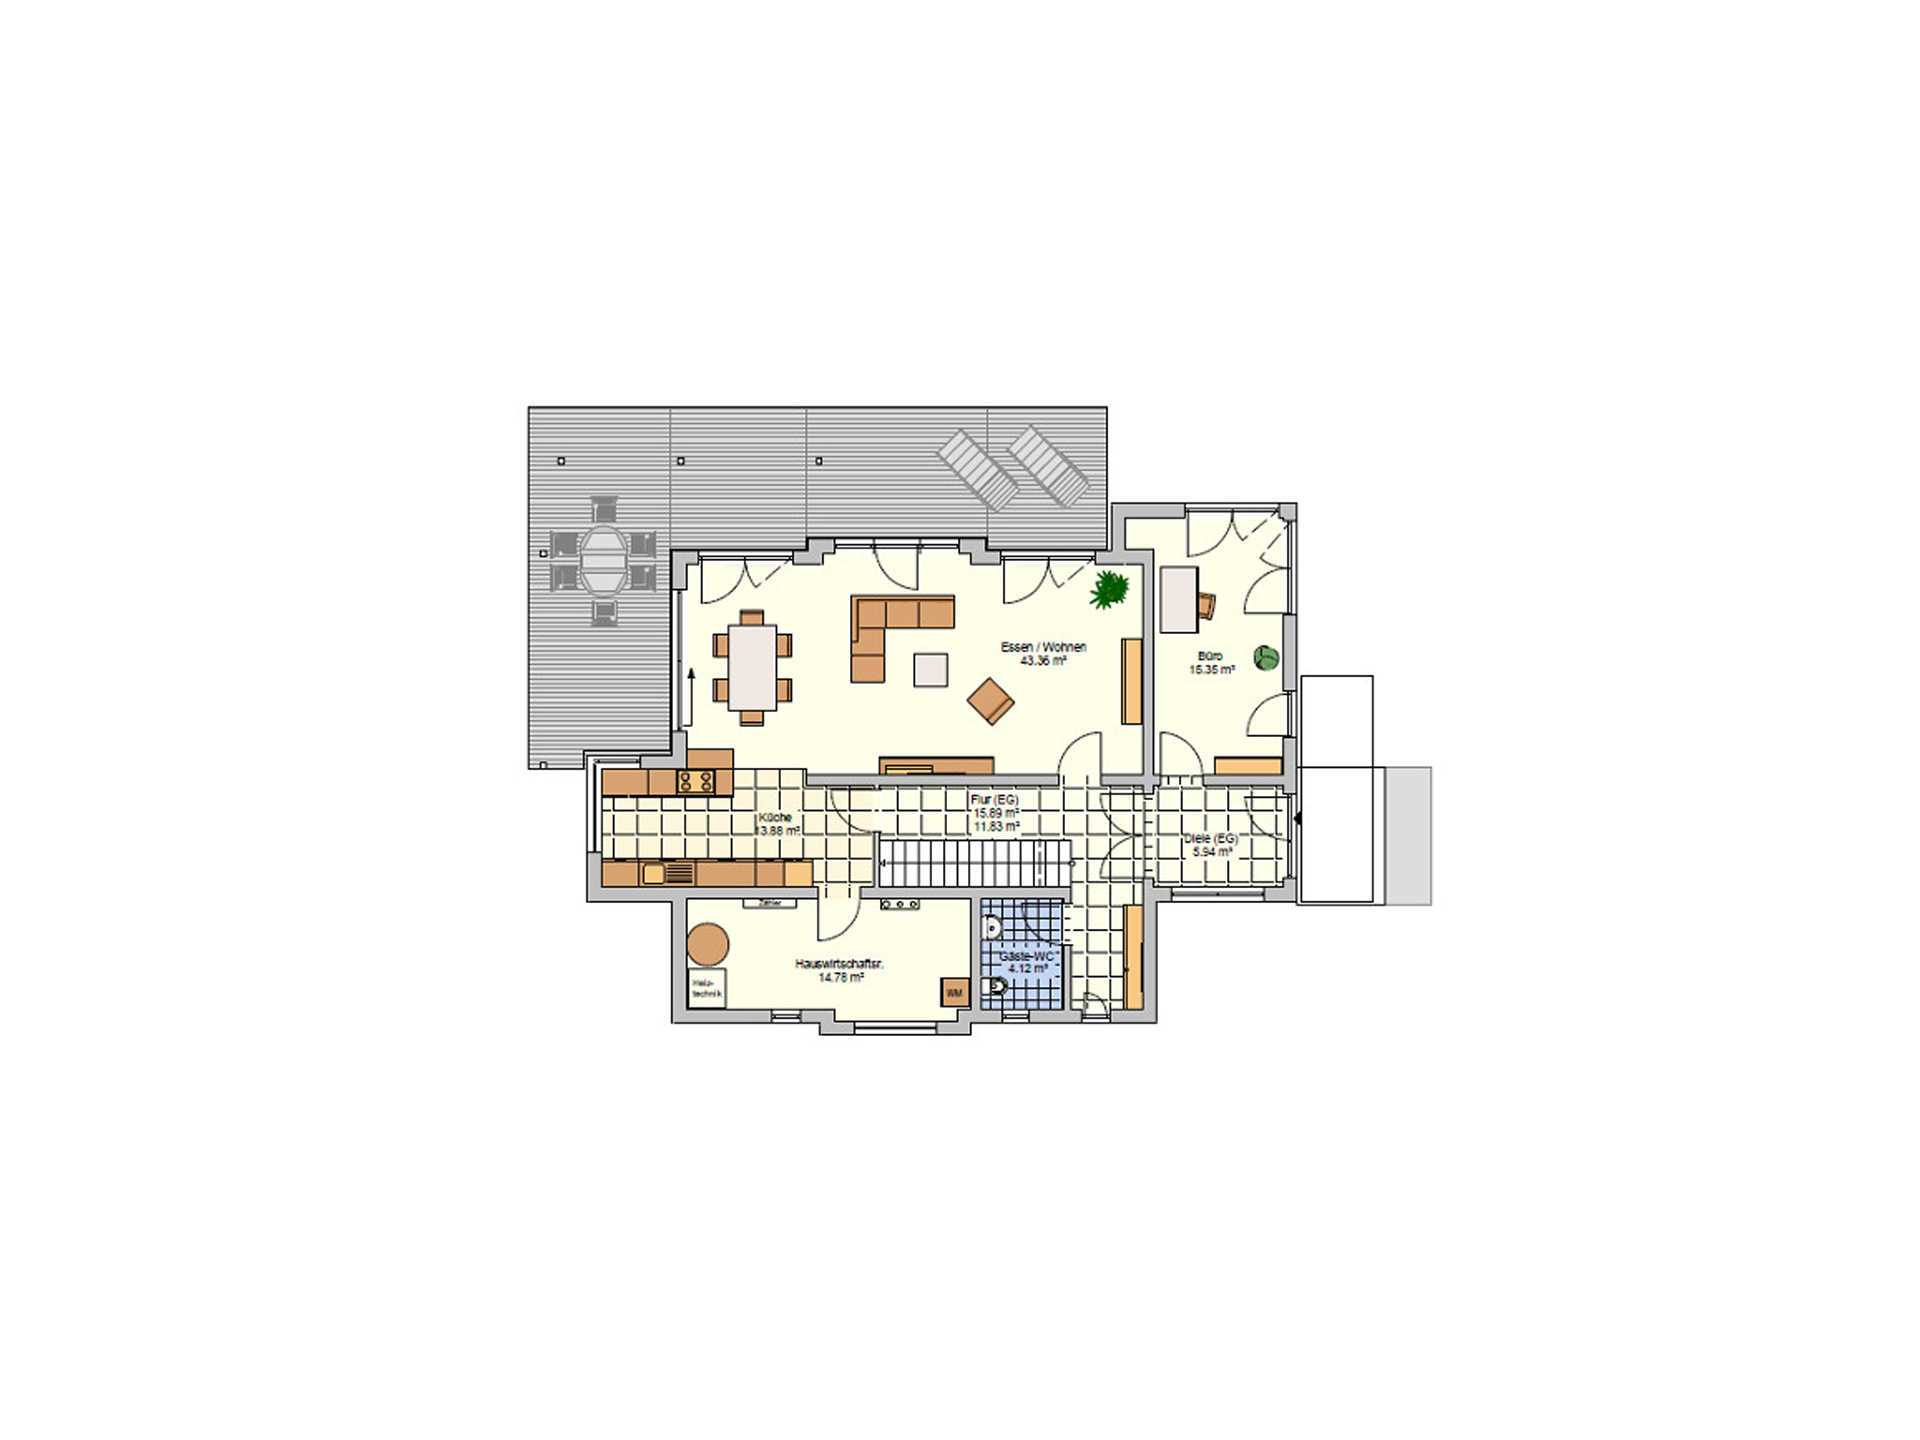 Musterhaus Wuppertal - Eine Nahaufnahme eines Geräts - Gebäudeplan